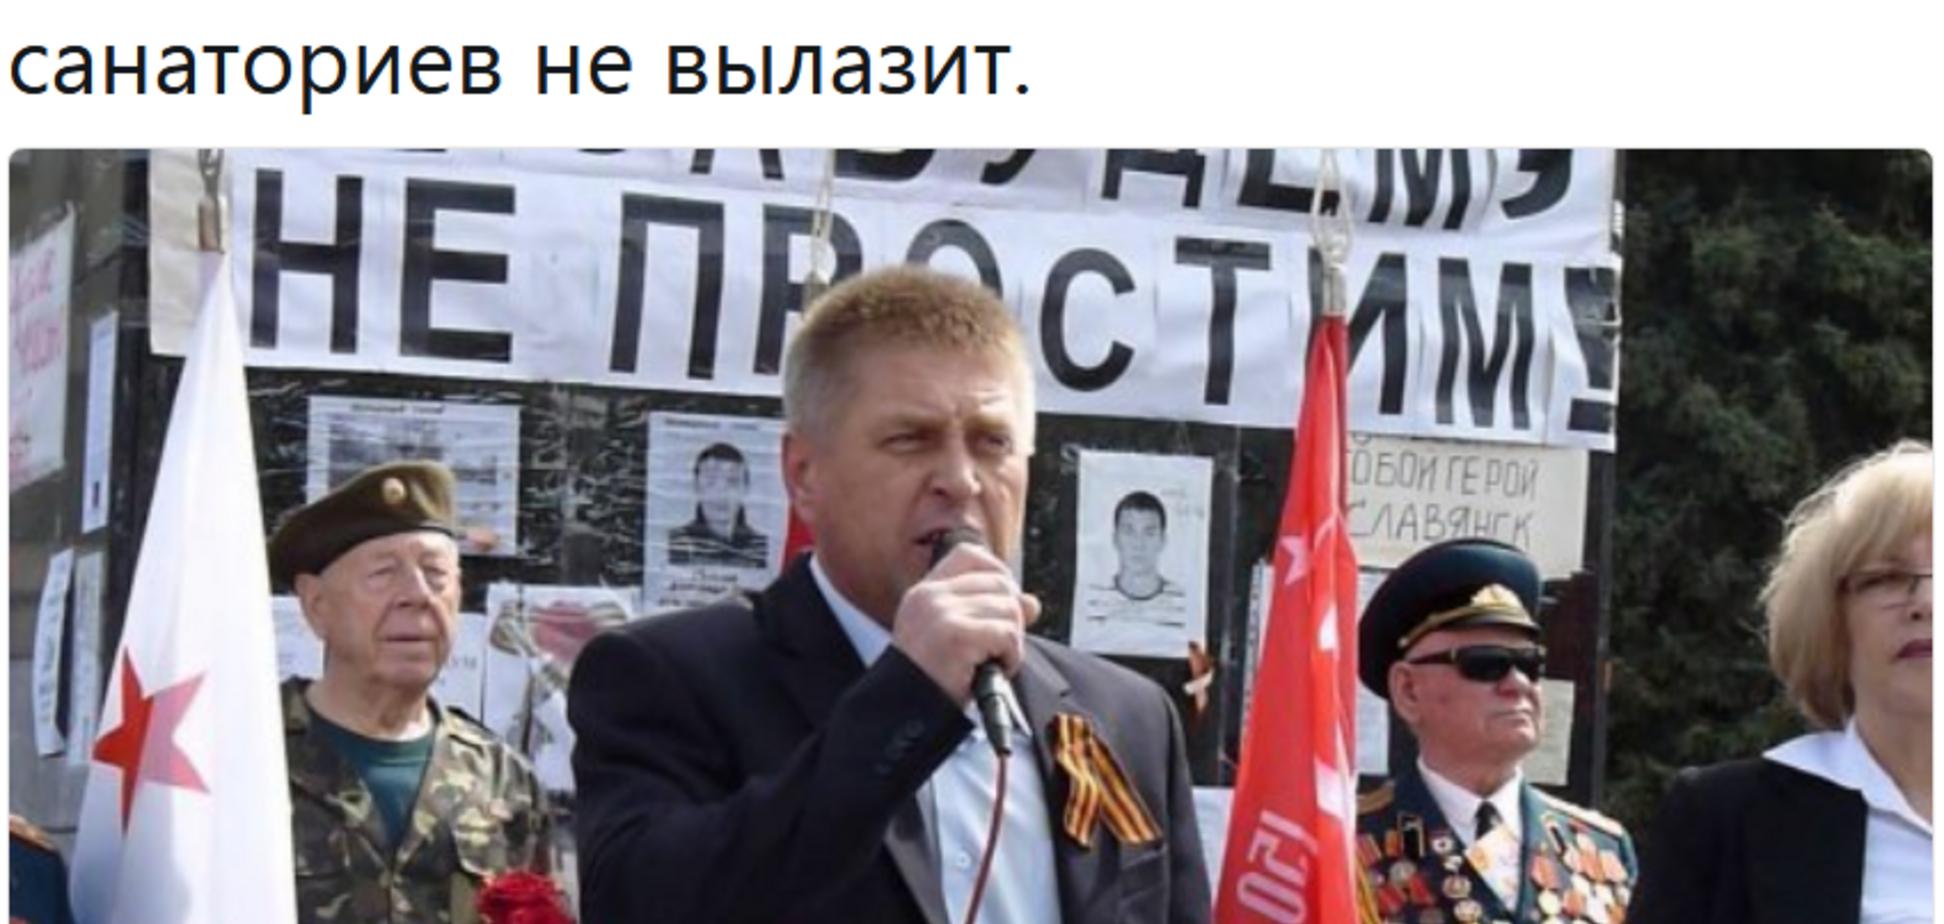 'Фантастичні тварини': у мережі розлютились на ветерана, який підтримав 'ДНР'